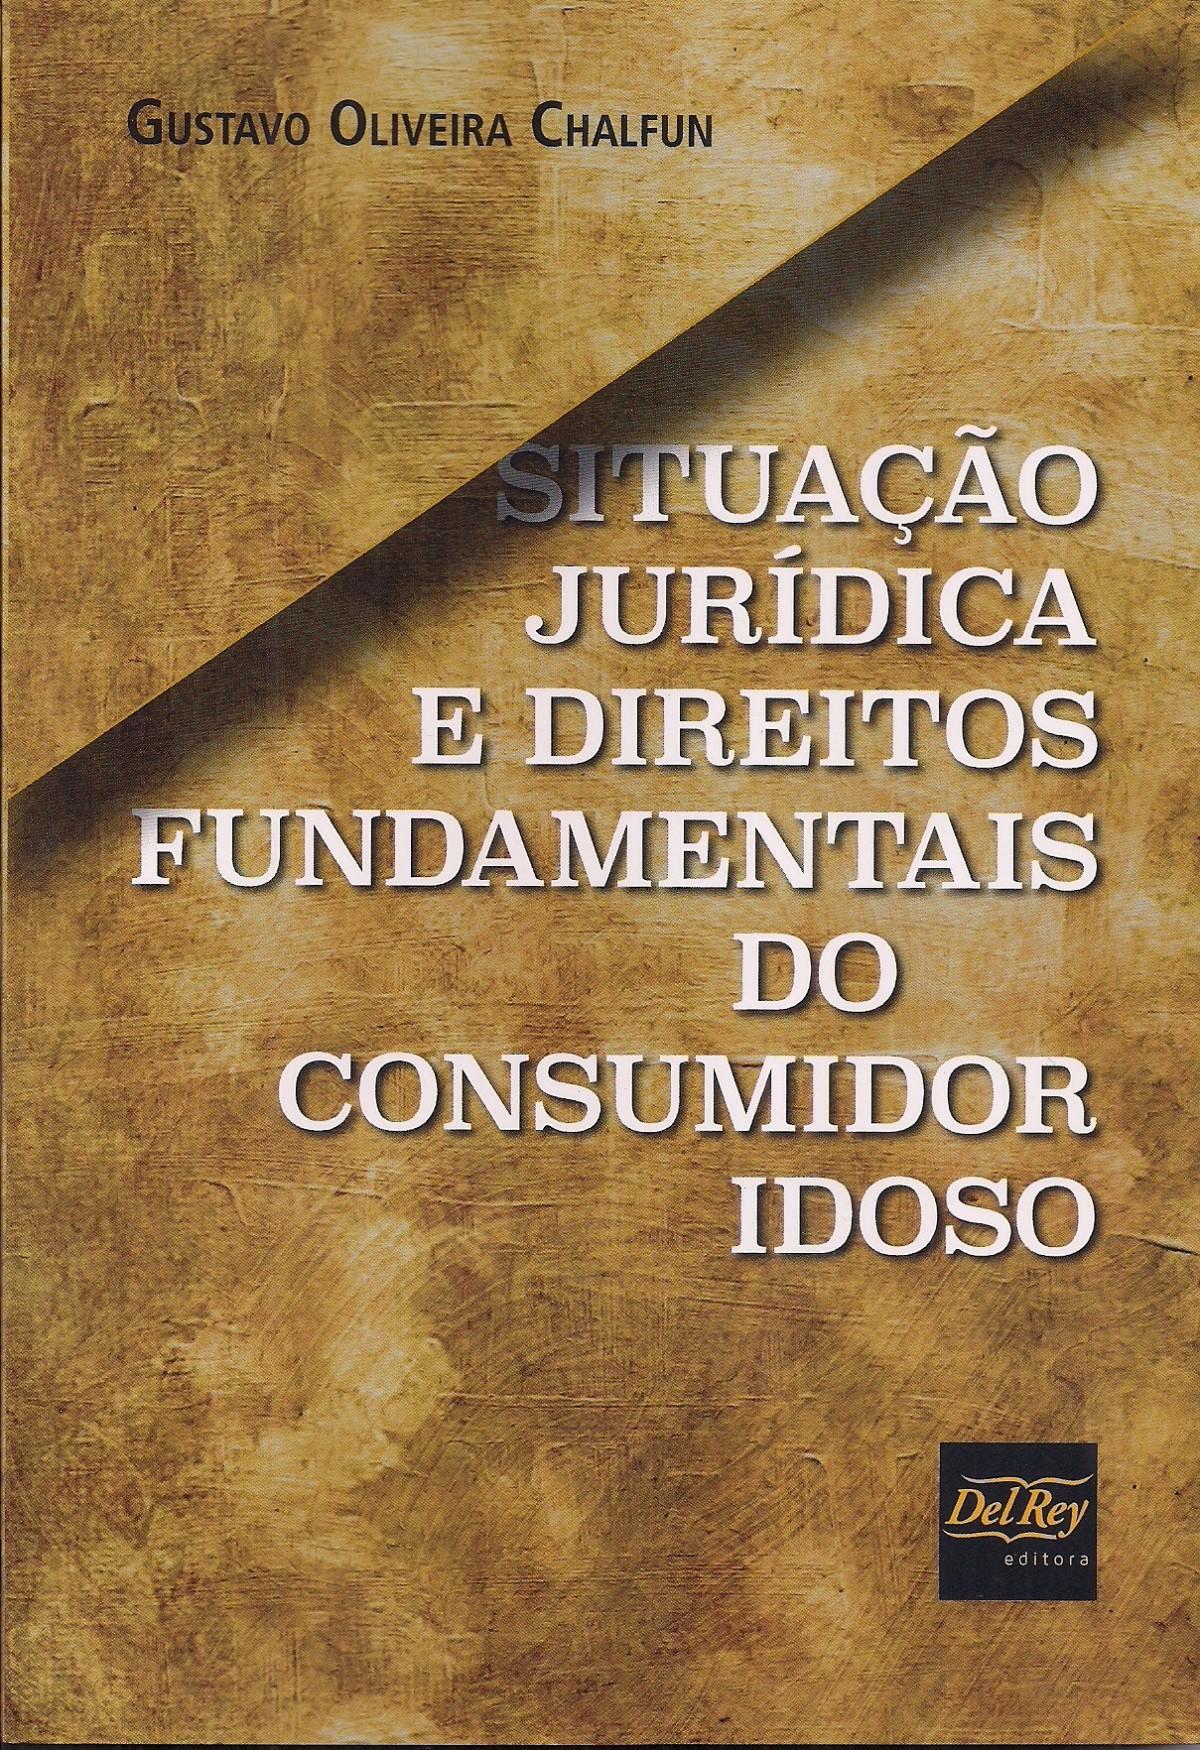 Foto 1 - Situação Jurídica e Direitos Fundamentais do Consumidor Idoso